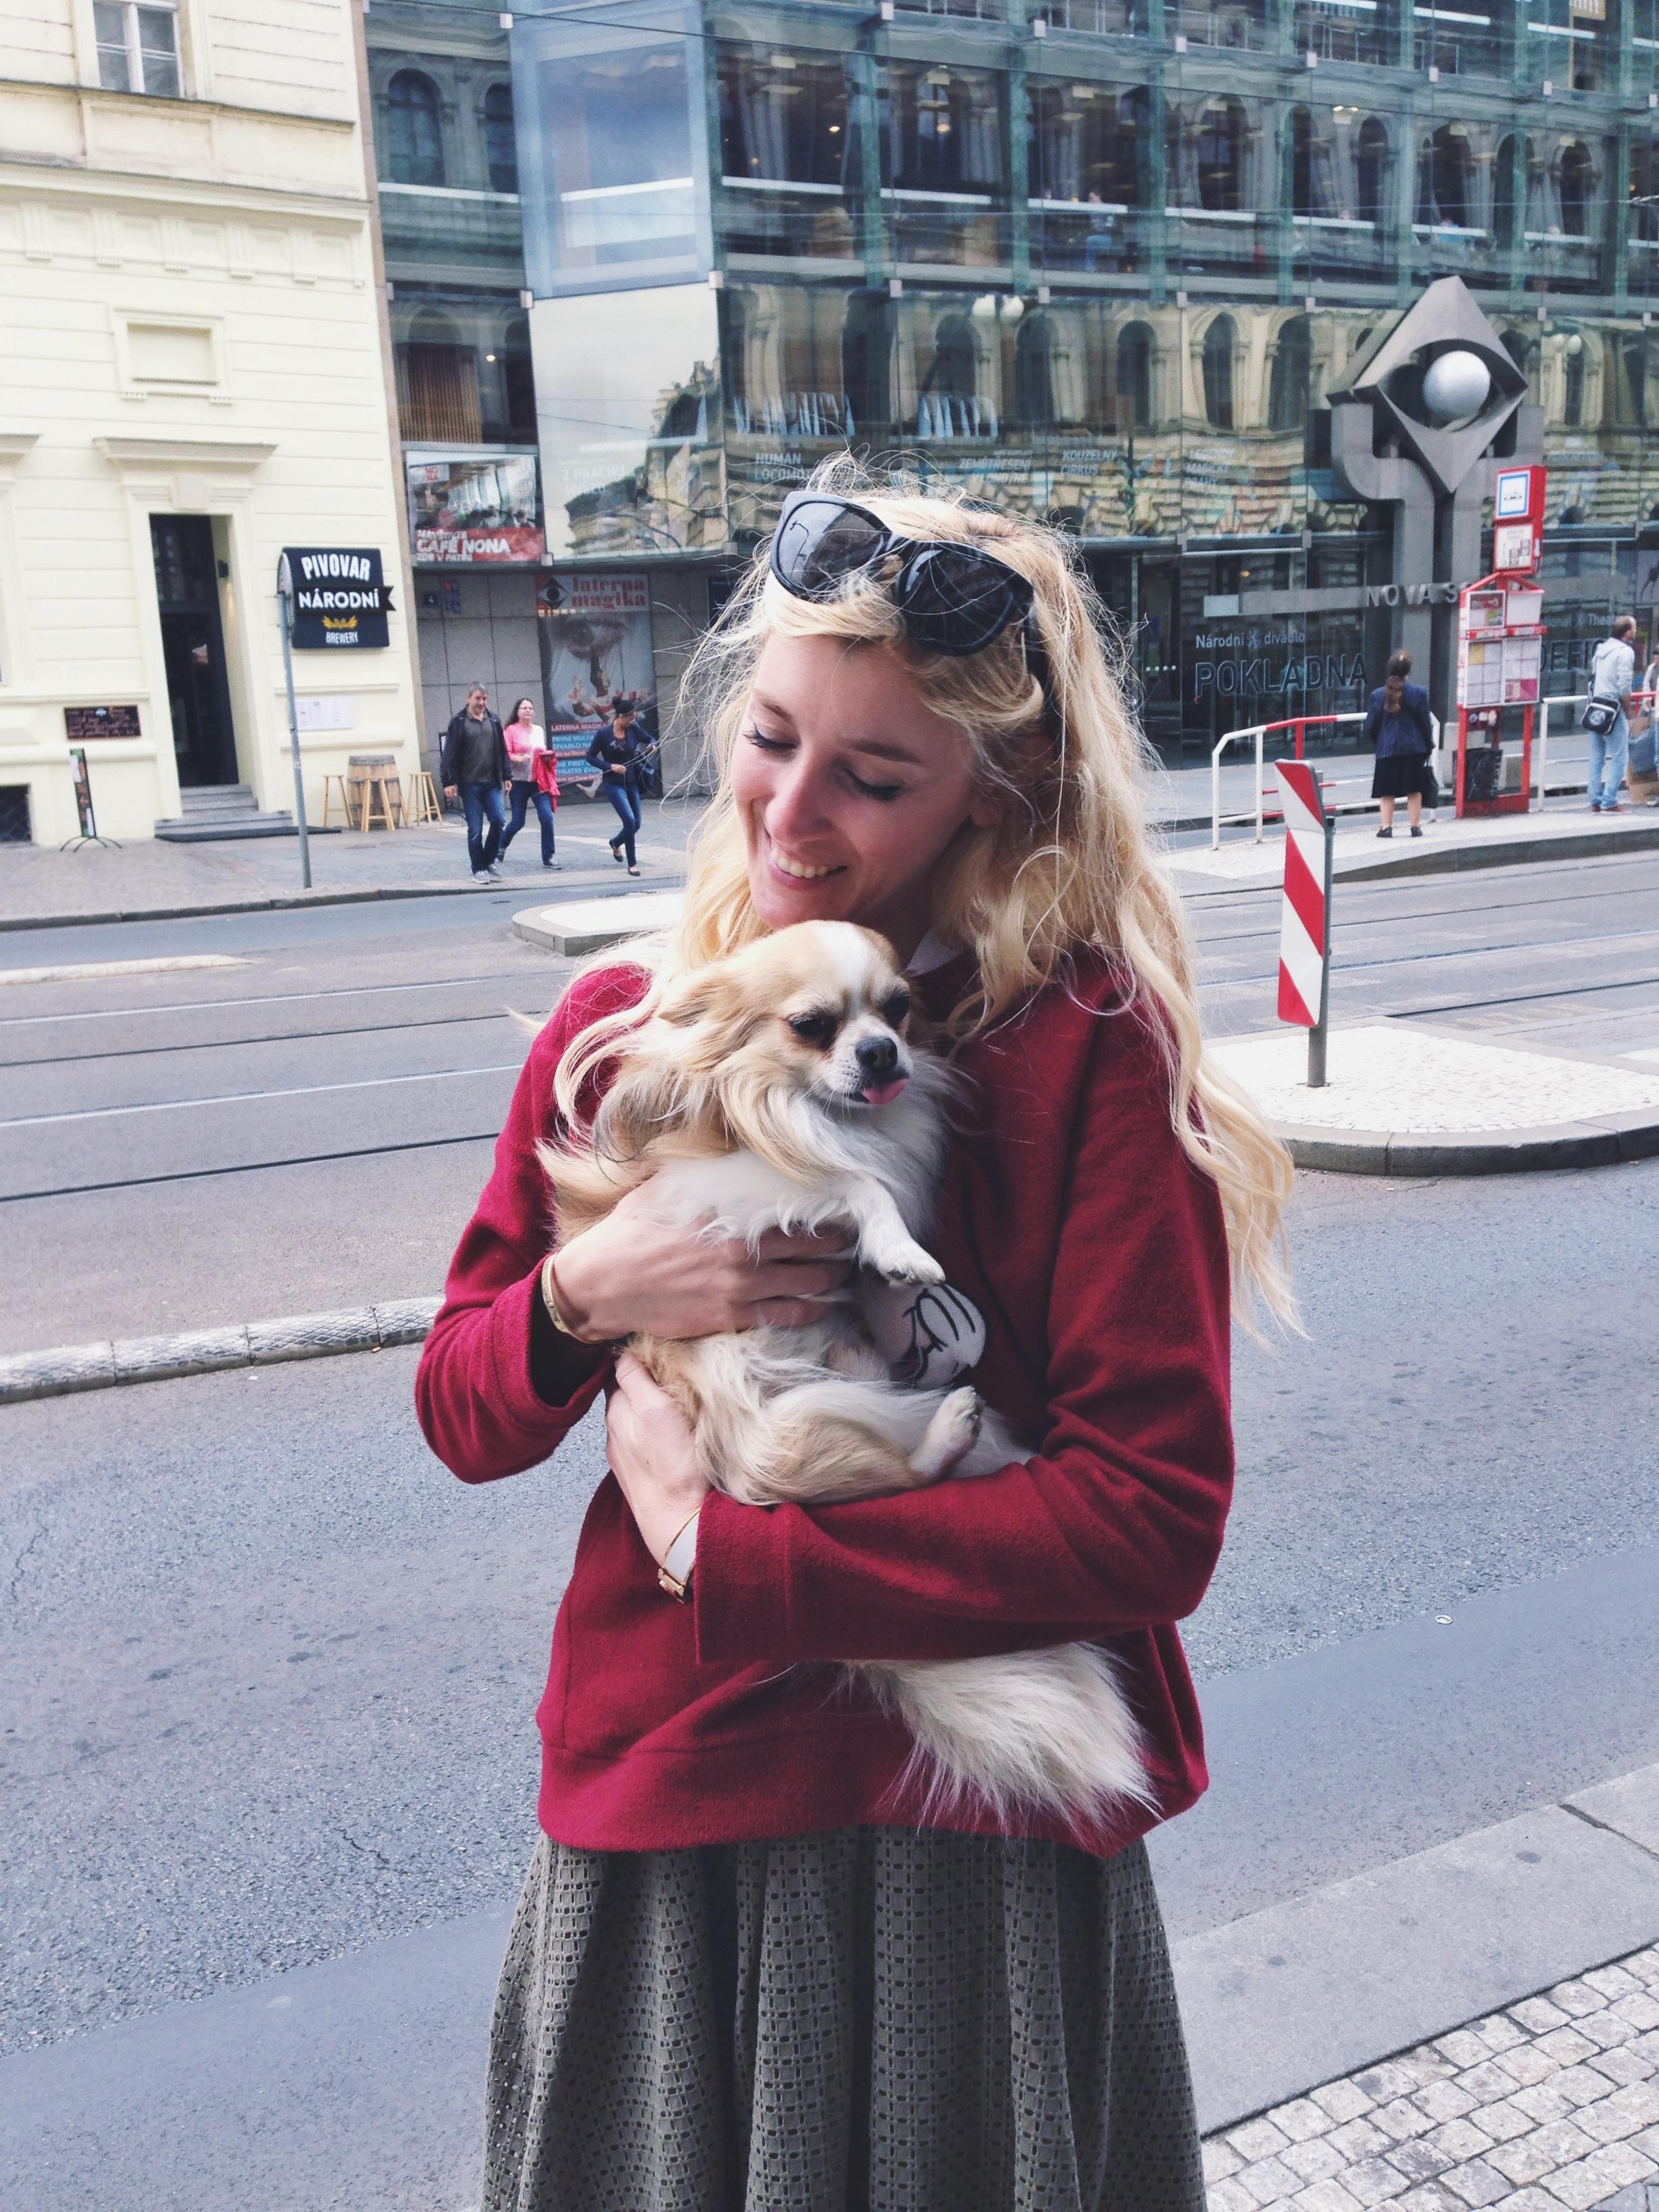 burcu_ozcan_cat&dog_dergisi_chihuahua_mira_diaryofburcu_cat_and_dog_magazine (1)